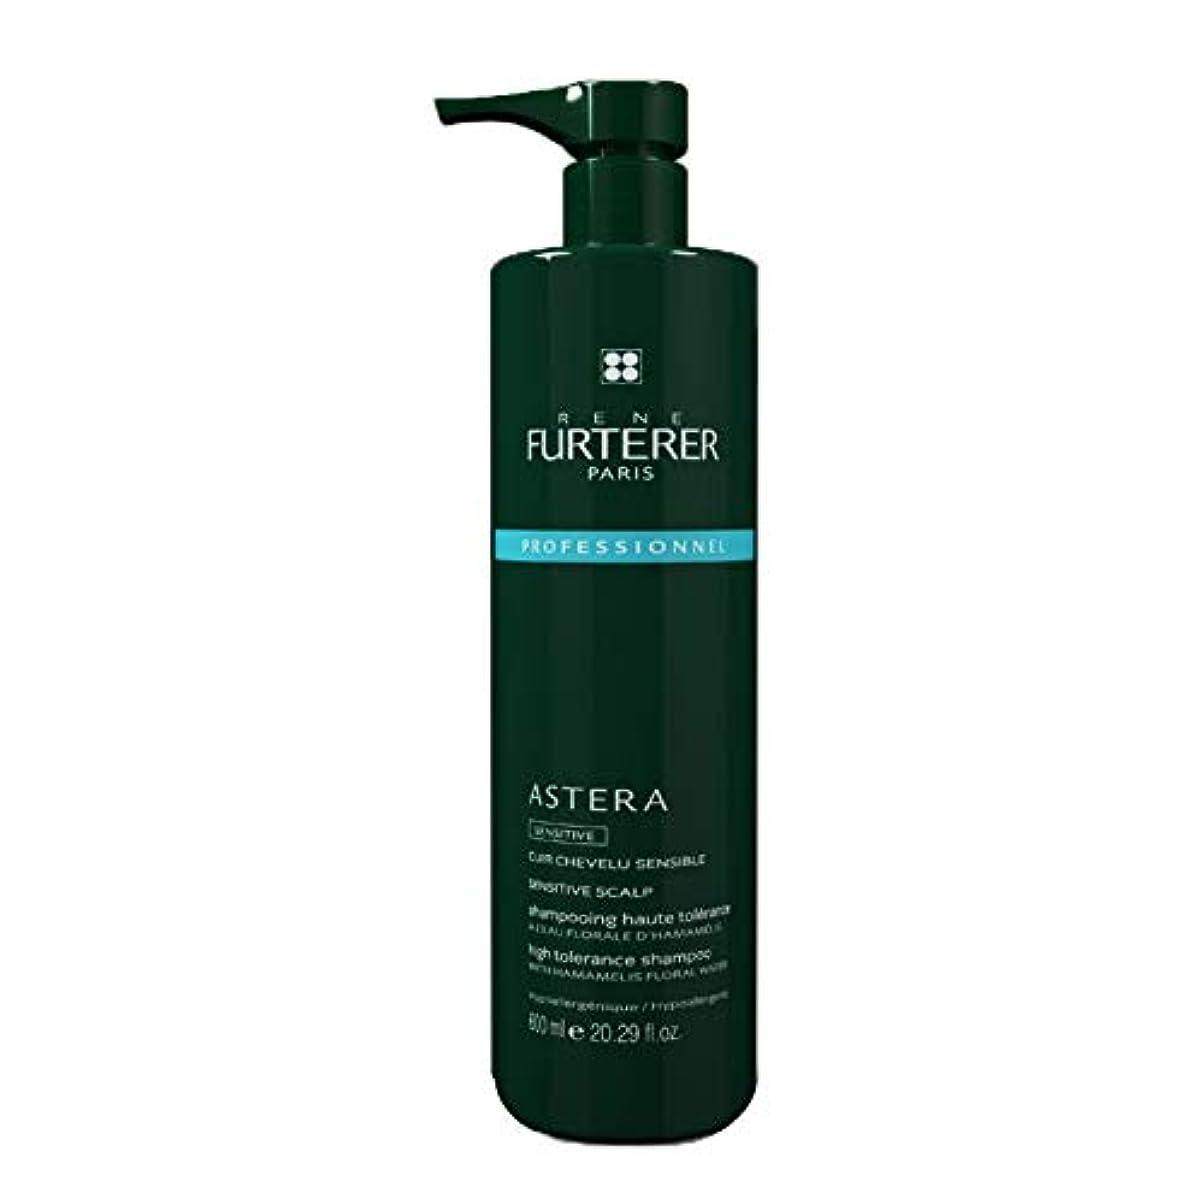 スロー中級有望ルネ フルトレール Astera Sensitive High Tolerance Scalp Ritual Dermo-Protective Shampoo (Sensitive Scalp) 600ml/20.2oz...